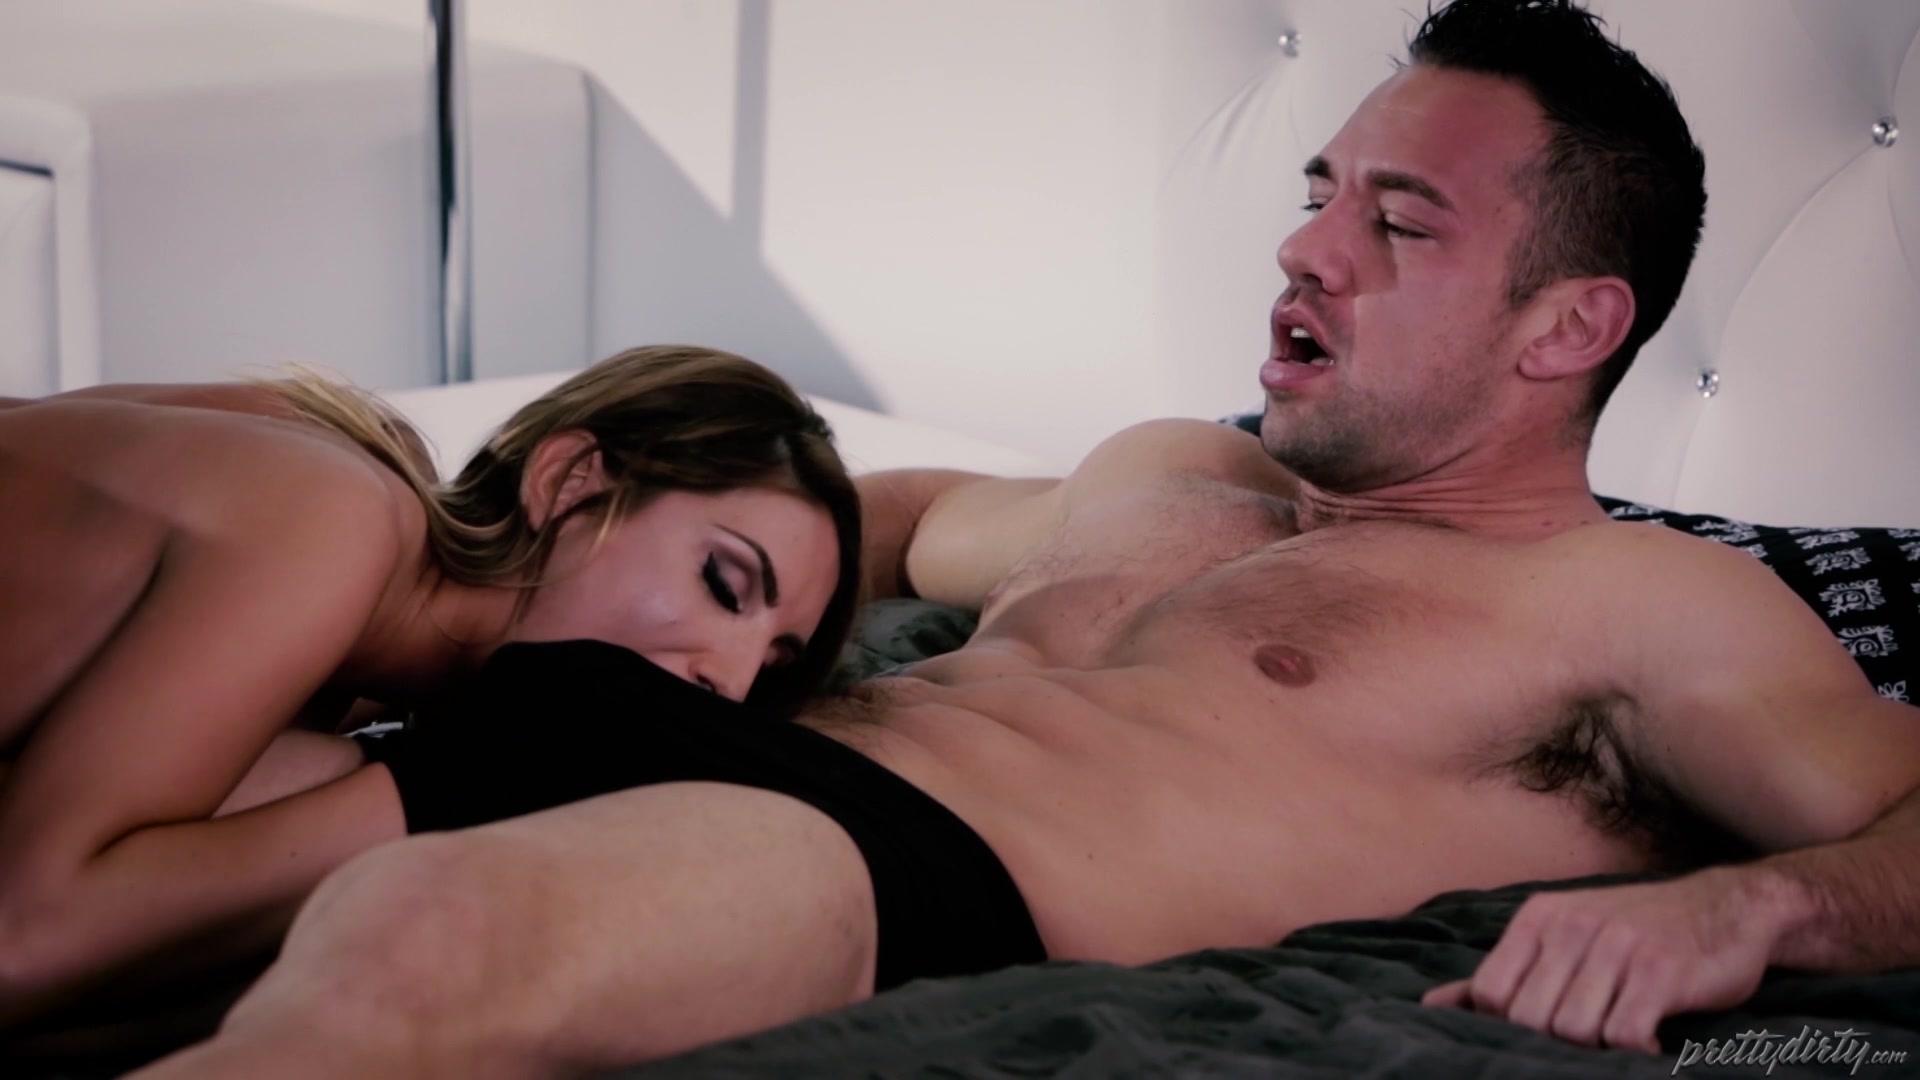 Порно фото брат и сестра hd